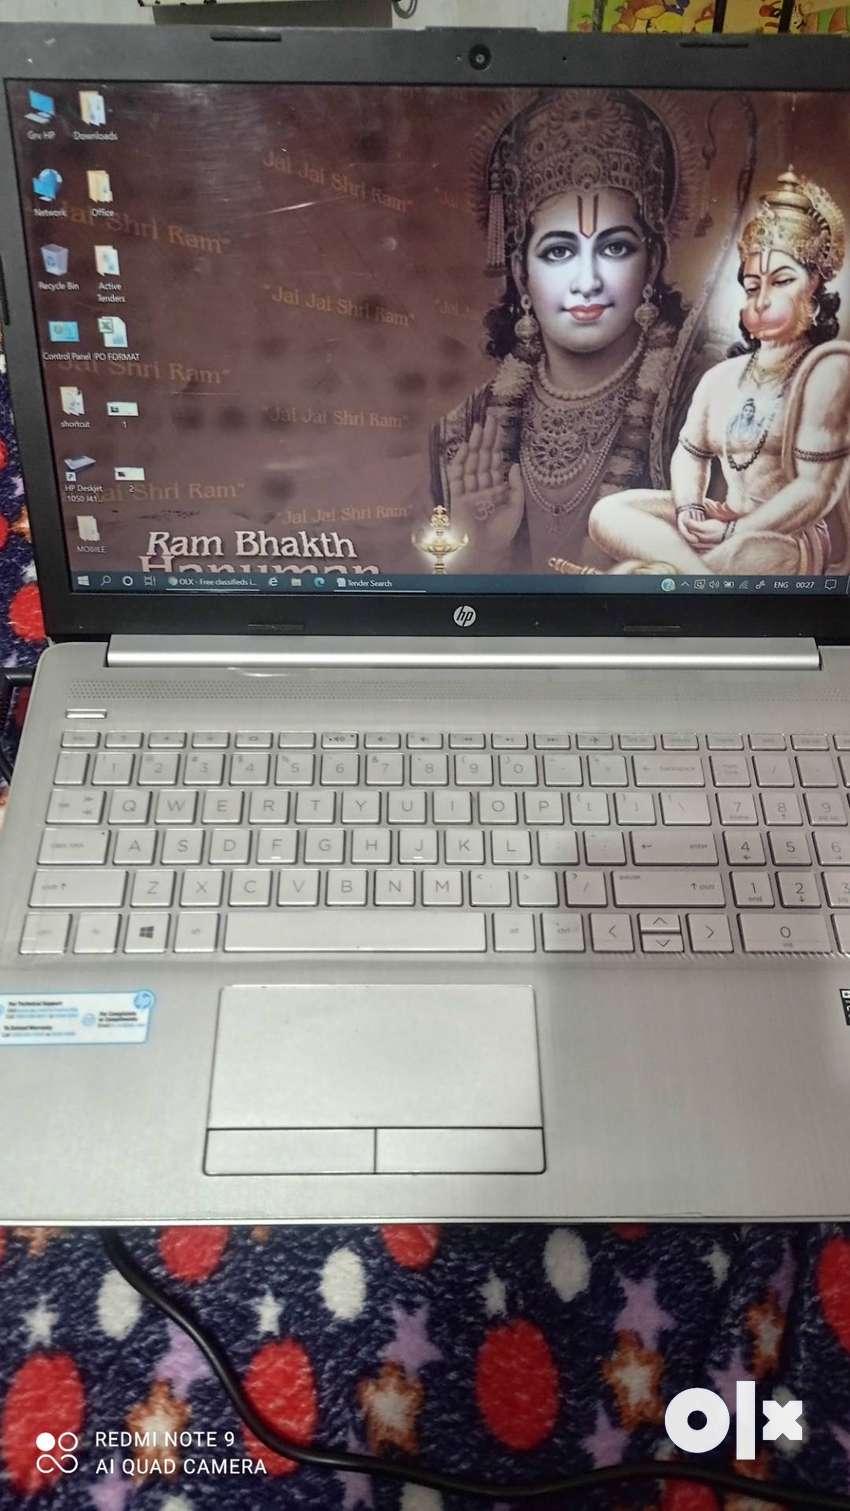 HP LAPTOP 15 da1030tu, 15inch, Intel i5, 8th Gen, 64 bit, windows 10 0